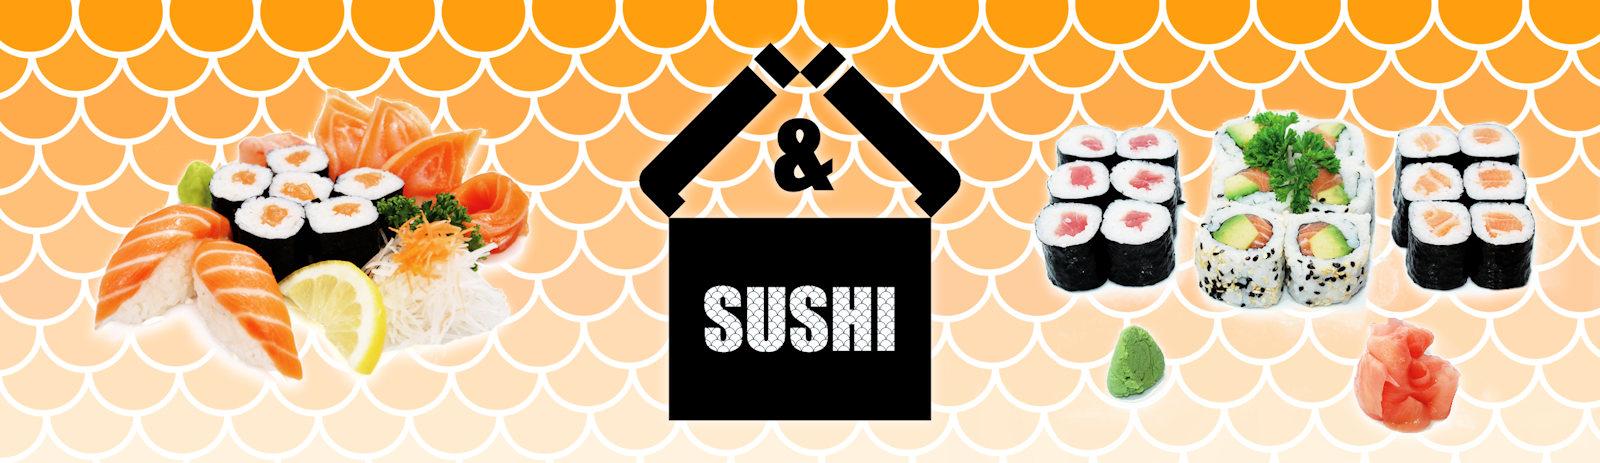 Restaurant Japonais J&J Sushi - Tourcoing, place de la république